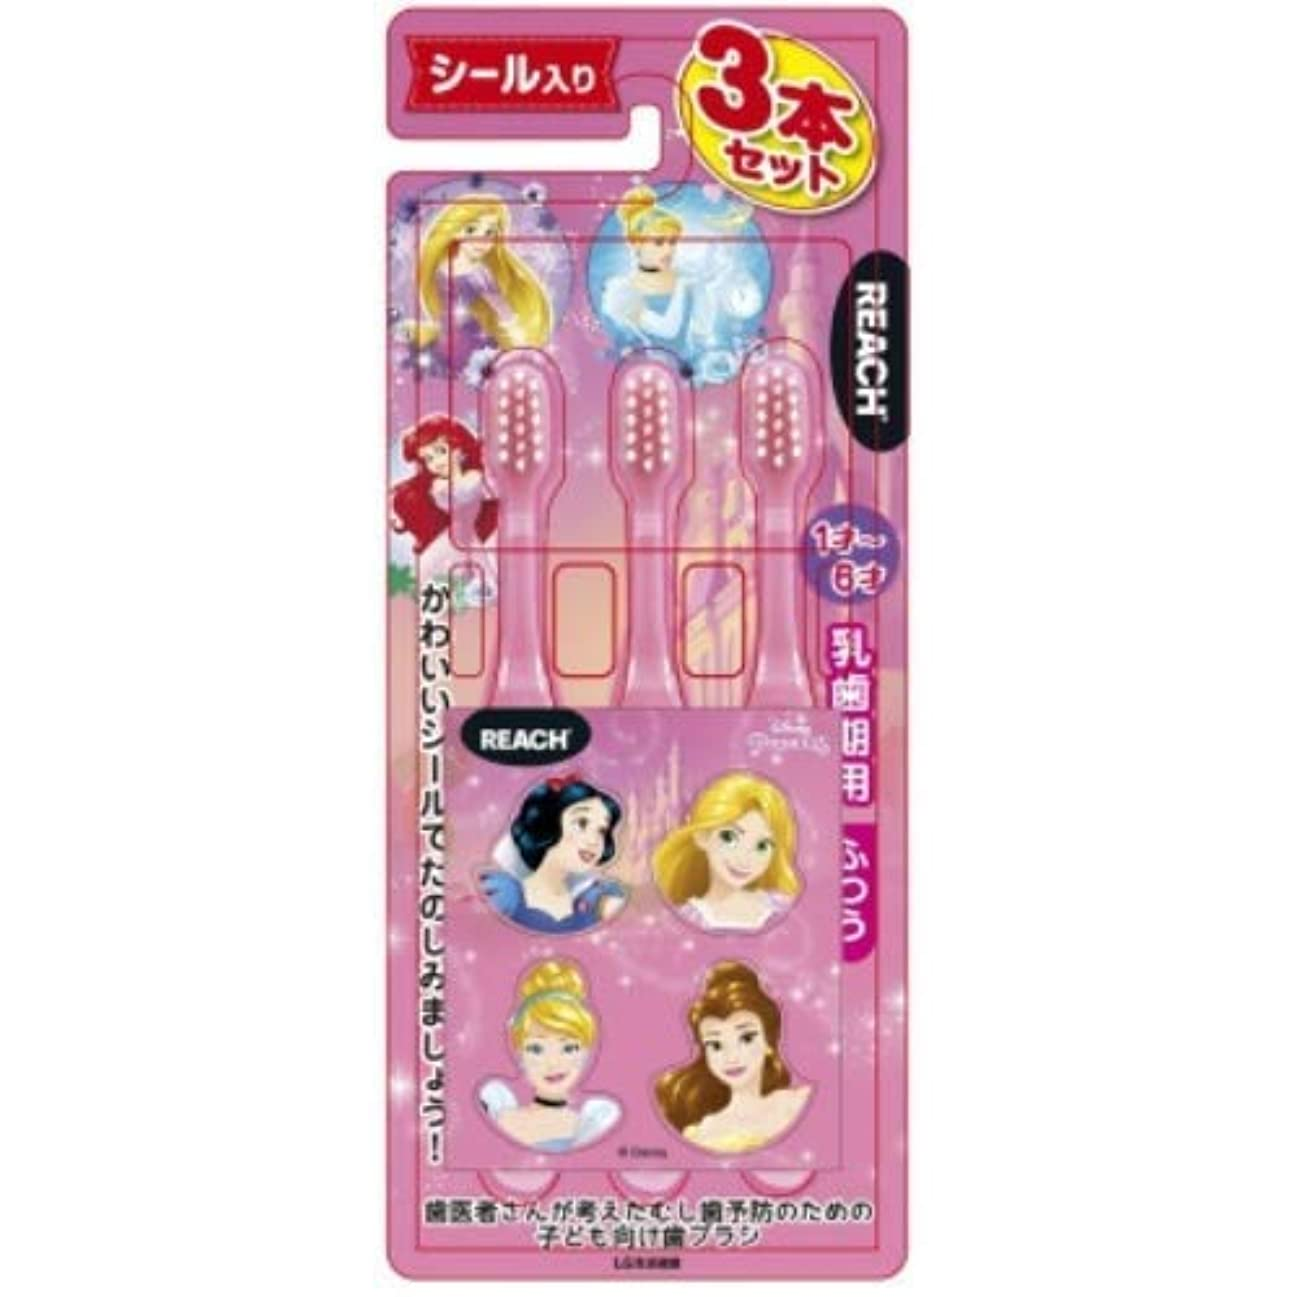 ジャンクション王室複雑でないリーチキッズ3本(シール入り) プリンセス 乳歯期用 × 4個セット